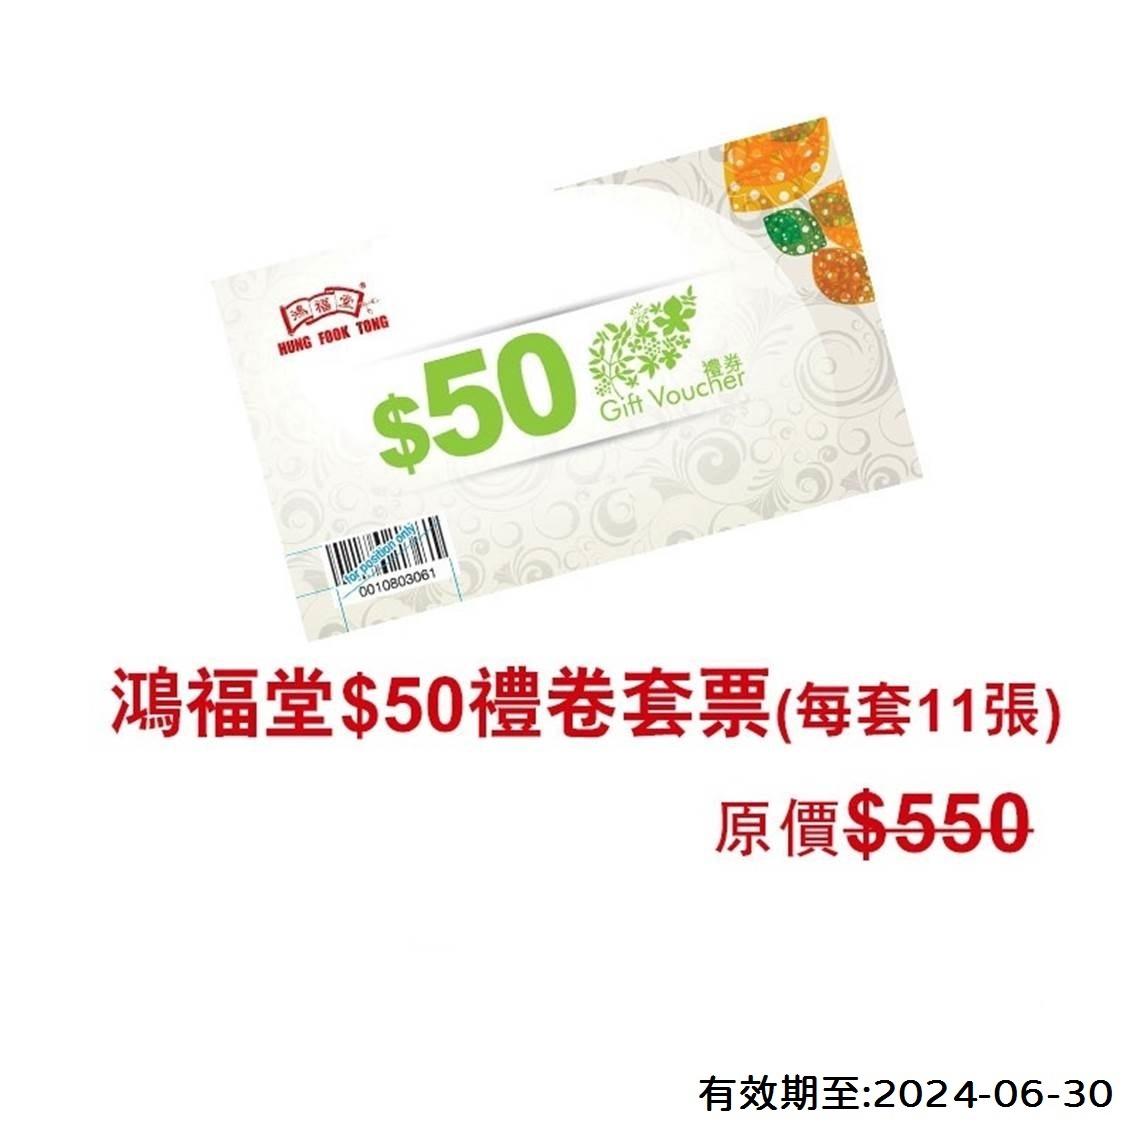 鴻福堂$50禮券套票 (共11張)  *禮券將與其他貨品分開發貨及通知取貨